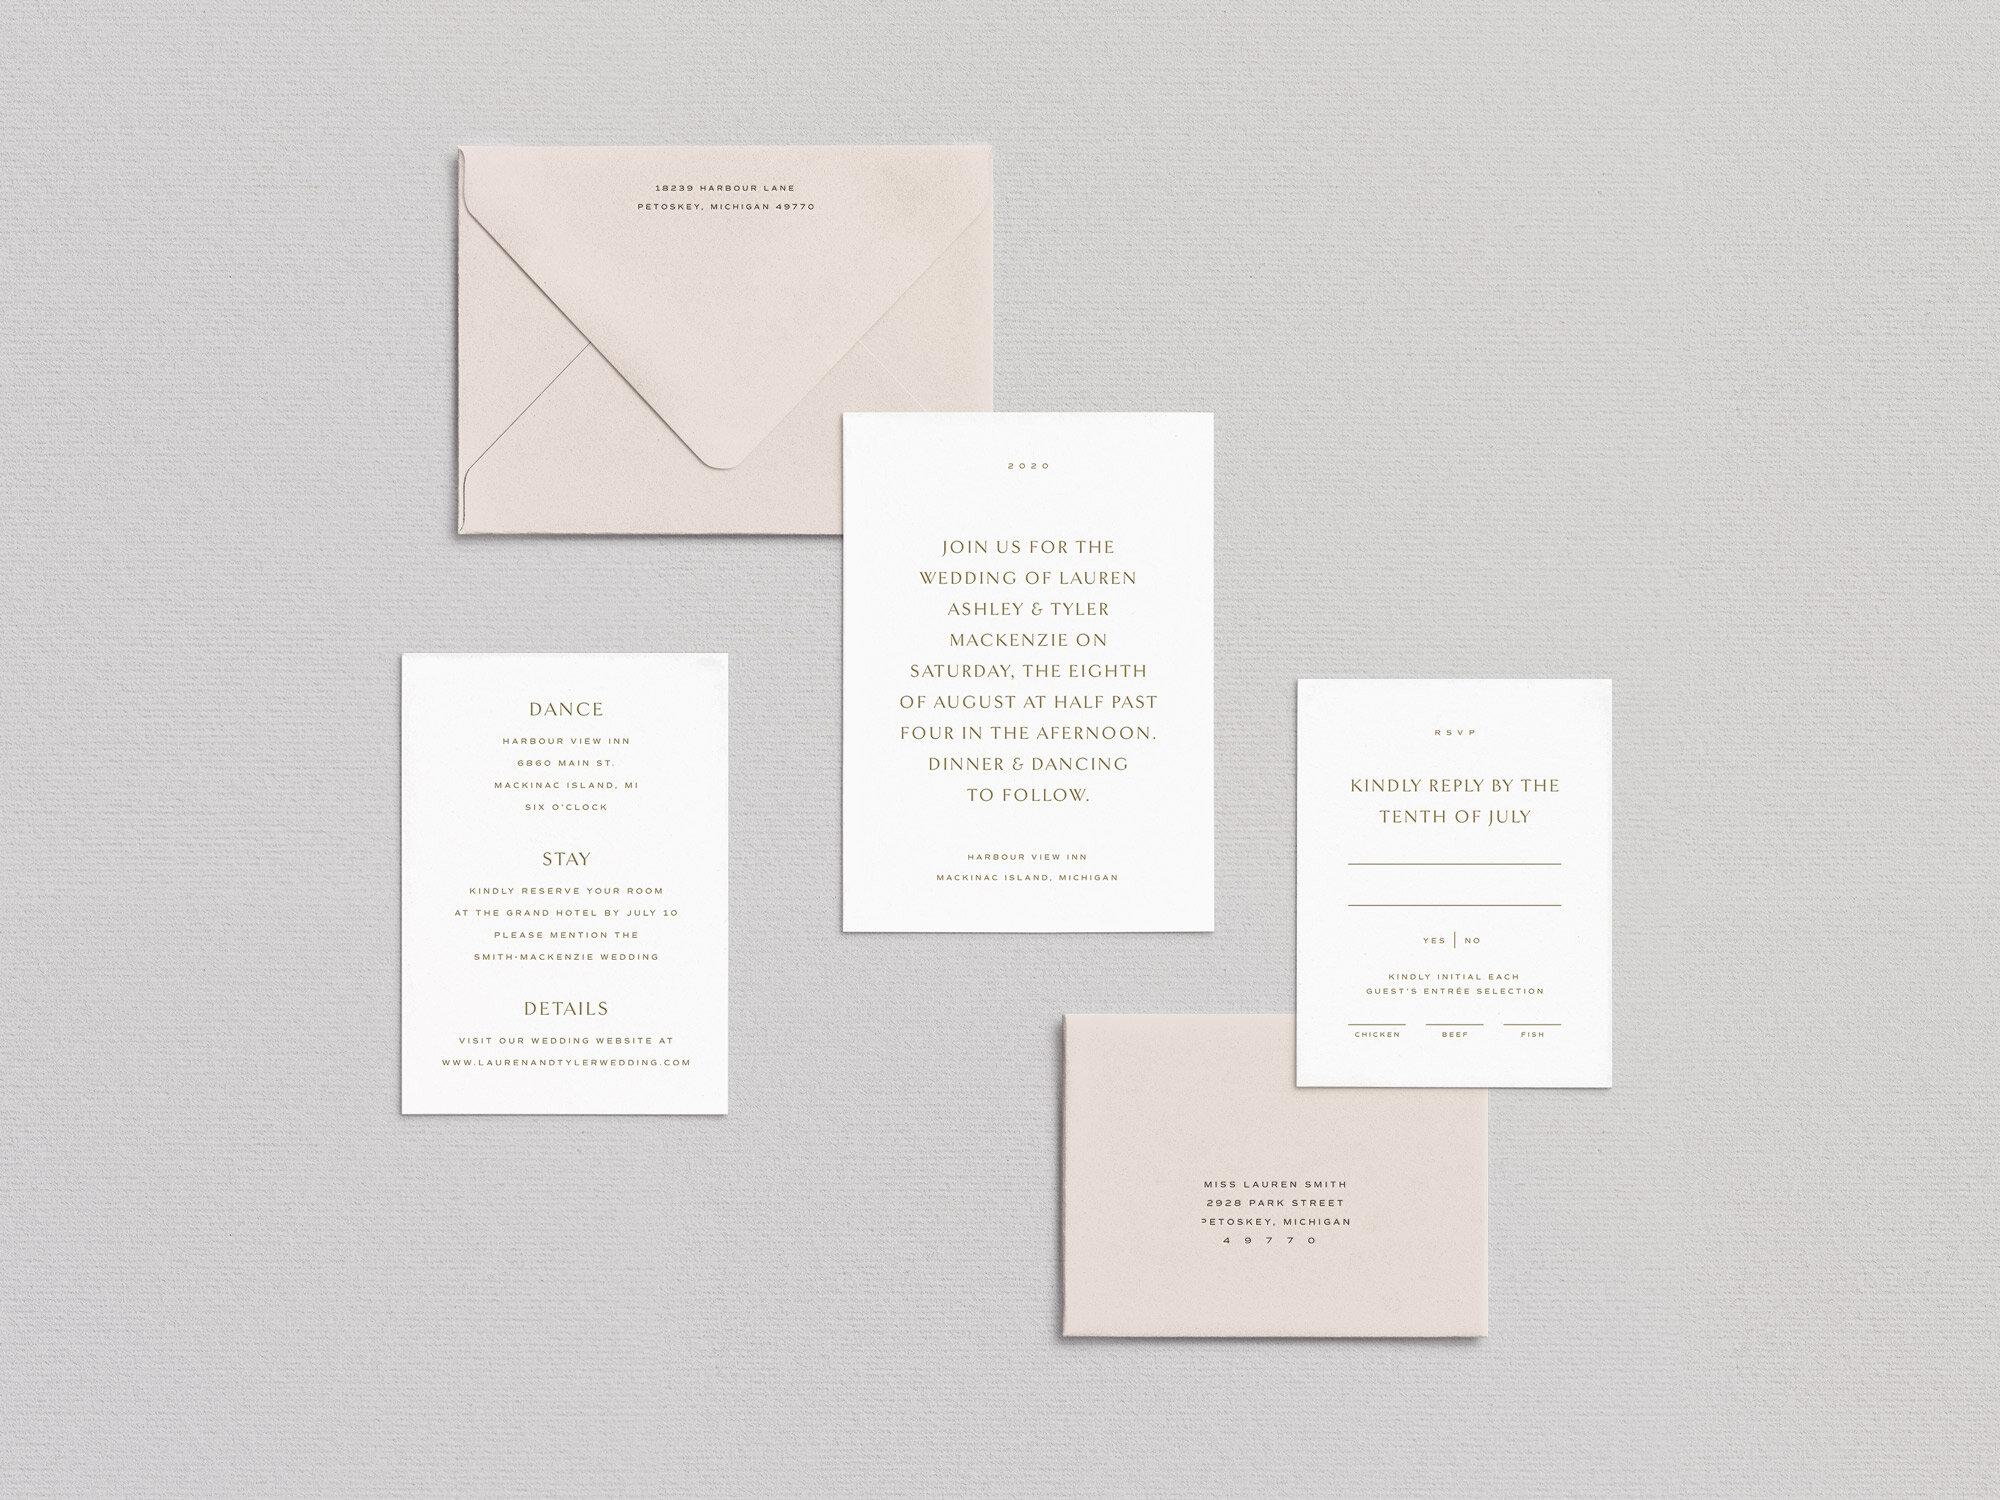 mockup_invite_minimalist_1.jpg